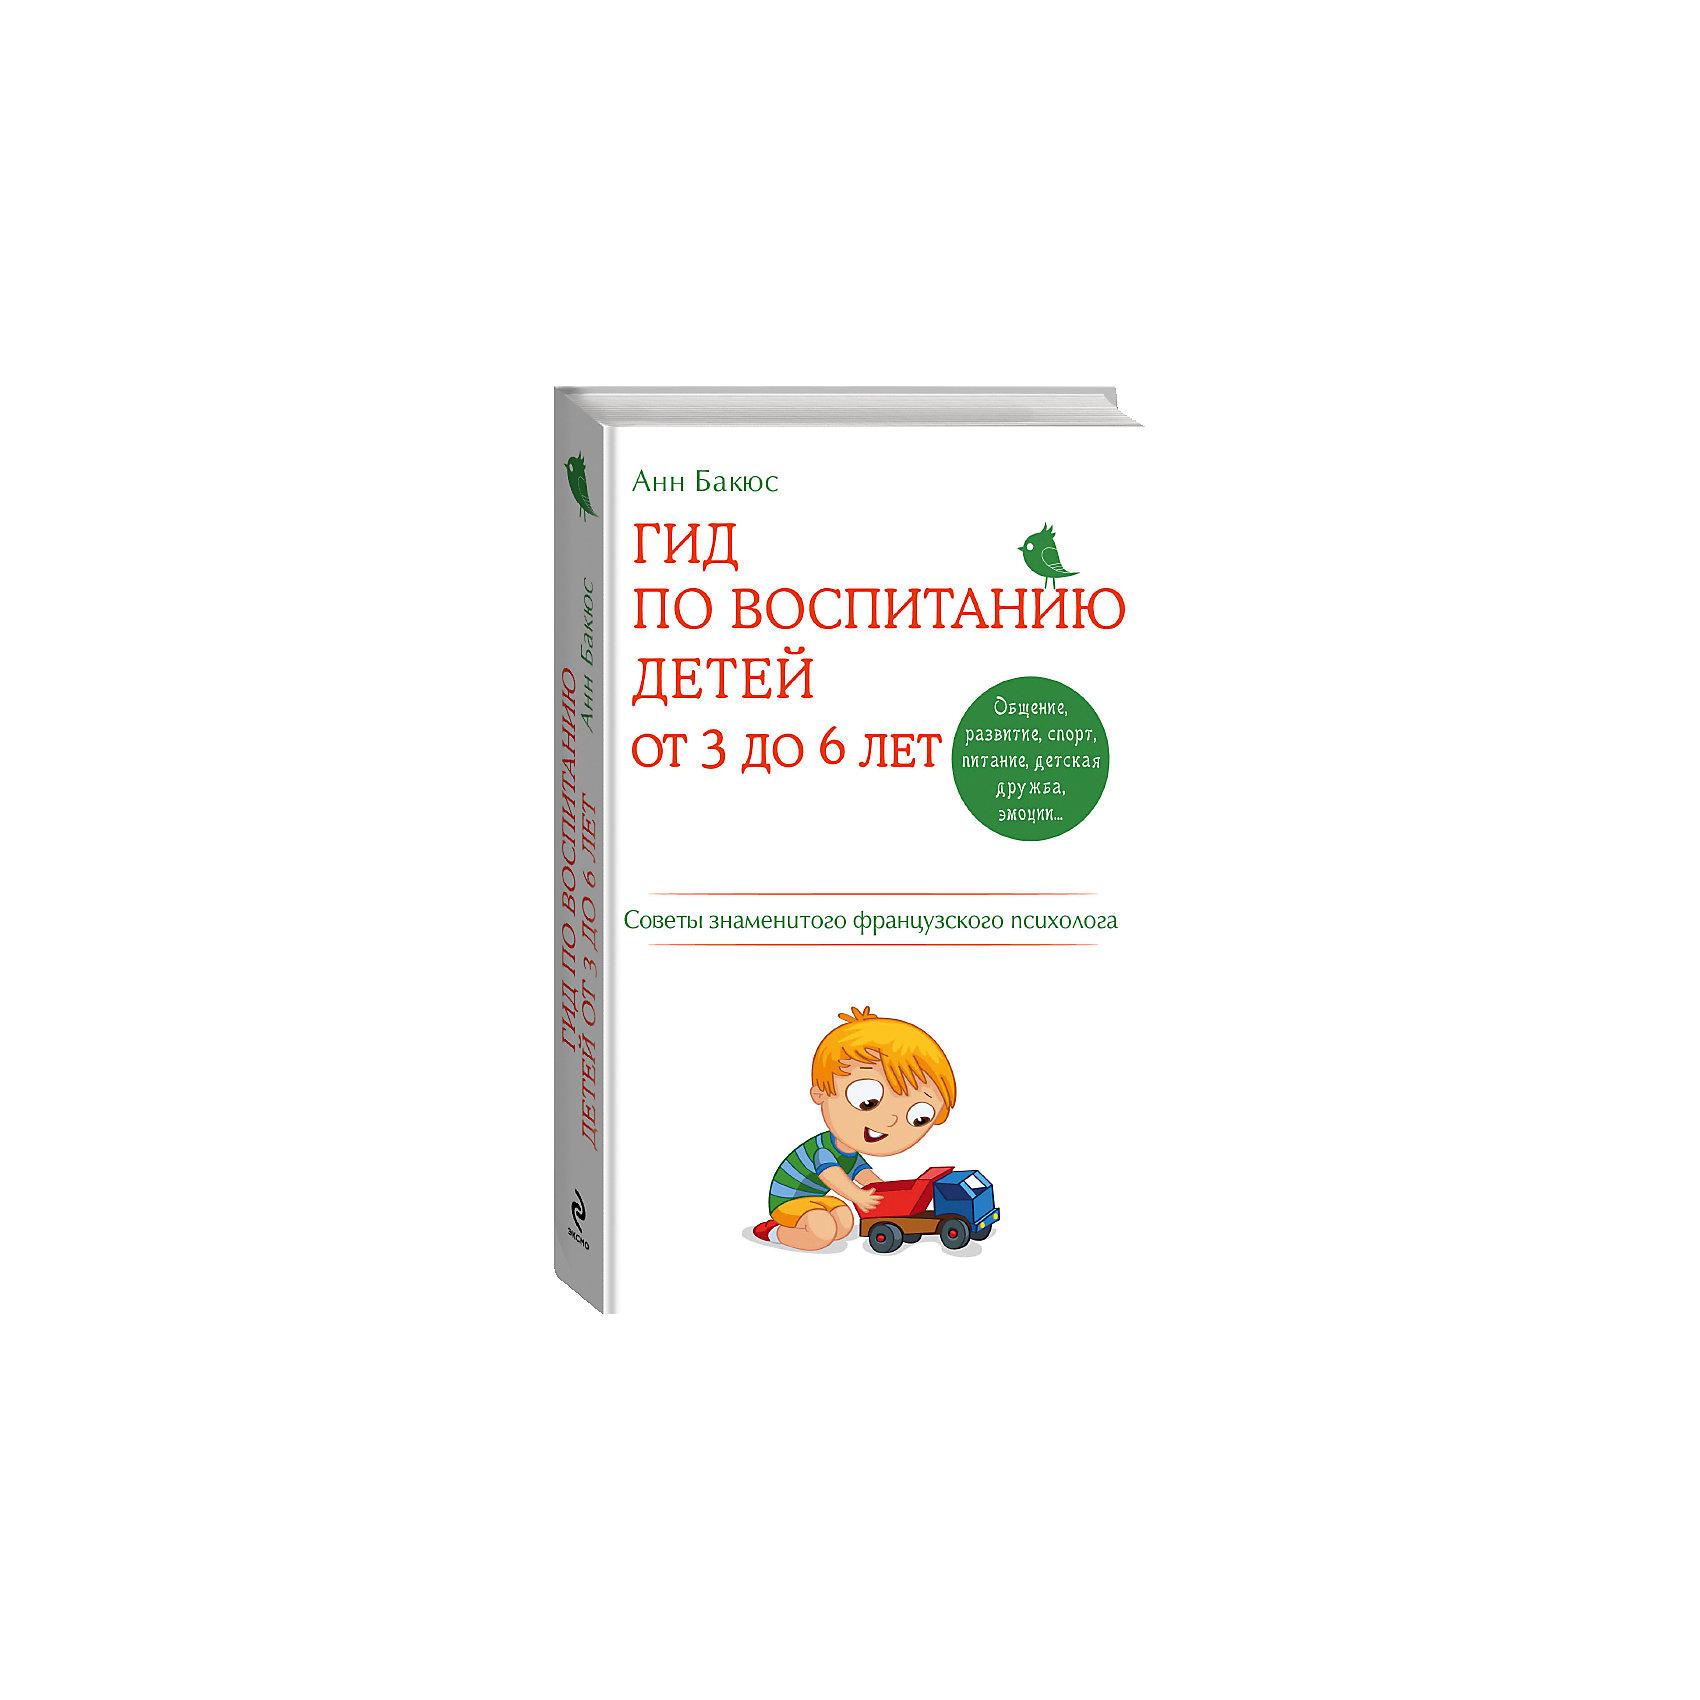 Гид по воспитанию детей от 3 до 6 лет. Практическое руководство от французского психологаКниги по педагогике<br>Книги Анн Бакюс, известного детского психолога, доктора наука, одного из  основоположников  французской системы воспитания, популярны во всем мире <br>благодаря четким, кратким и эффективным советам. Перед вами полное практическое руководство по воспитанию детей от 3 до 6 лет, которое охватывает все <br>возможные проблемы, с которыми могут столкнуться родители в этот период: от непослушания и соблюдения распорядка дня до общения со сверстниками и <br>компьютерных игр. Анн Бакюс уверена: если вы будете знать, какие этапы проходит ребенок в физическом, психологическом, умственном и эмоциональном развитии, то общение с ним будет приносить вам больше радости и удовлетворения, и вы воспитаете счастливого и успешного человека.<br>О чем эта книга:<br>- Особенности психологии (характер, темперамент, правильный подход)<br>- Развитие личности (игры, чтение, компьютер, занятия с родителями)<br>-  Здоровье (правильное питание, занятия спортом, гигиена)<br>- Общение (родители, сверстники, воспитатели)<br>- Проблемы воспитания (непослушание, капризы, ложь)<br><br>Дополнительная информация:<br><br>- Автор: Анн Бакюс.<br>- Переплет: Твердый  переплет.<br>- Тип иллюстраций: Черно-белые.<br>- Год выпуска: 2014<br>- Кол. страниц: 272<br>- ISBN: 978-5-699-75649-0<br>- Размер упаковки: 22х14,5х2 см.<br>- Вес в упаковке: 460 г.<br><br>Книгу Гид по воспитанию детей от 3 до 6 лет. Практическое руководство от французского психолога. можно купить в нашем магазине.<br><br>Ширина мм: 220<br>Глубина мм: 145<br>Высота мм: 20<br>Вес г: 460<br>Возраст от месяцев: 144<br>Возраст до месяцев: 2147483647<br>Пол: Унисекс<br>Возраст: Детский<br>SKU: 4786139